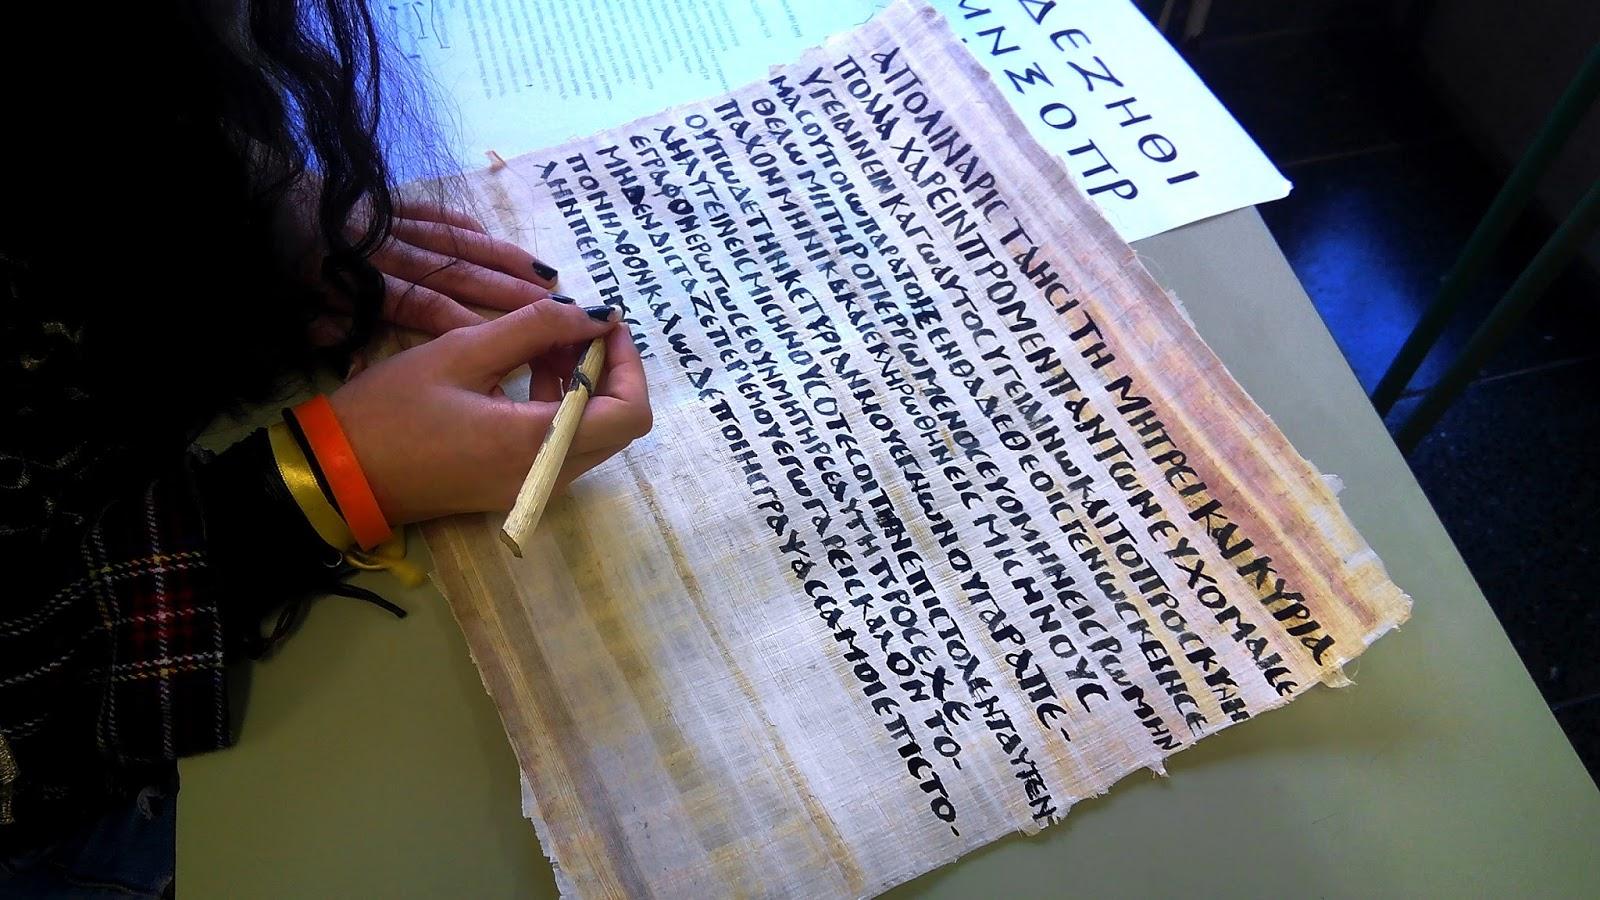 papiro con carta en griego de un soldado romano